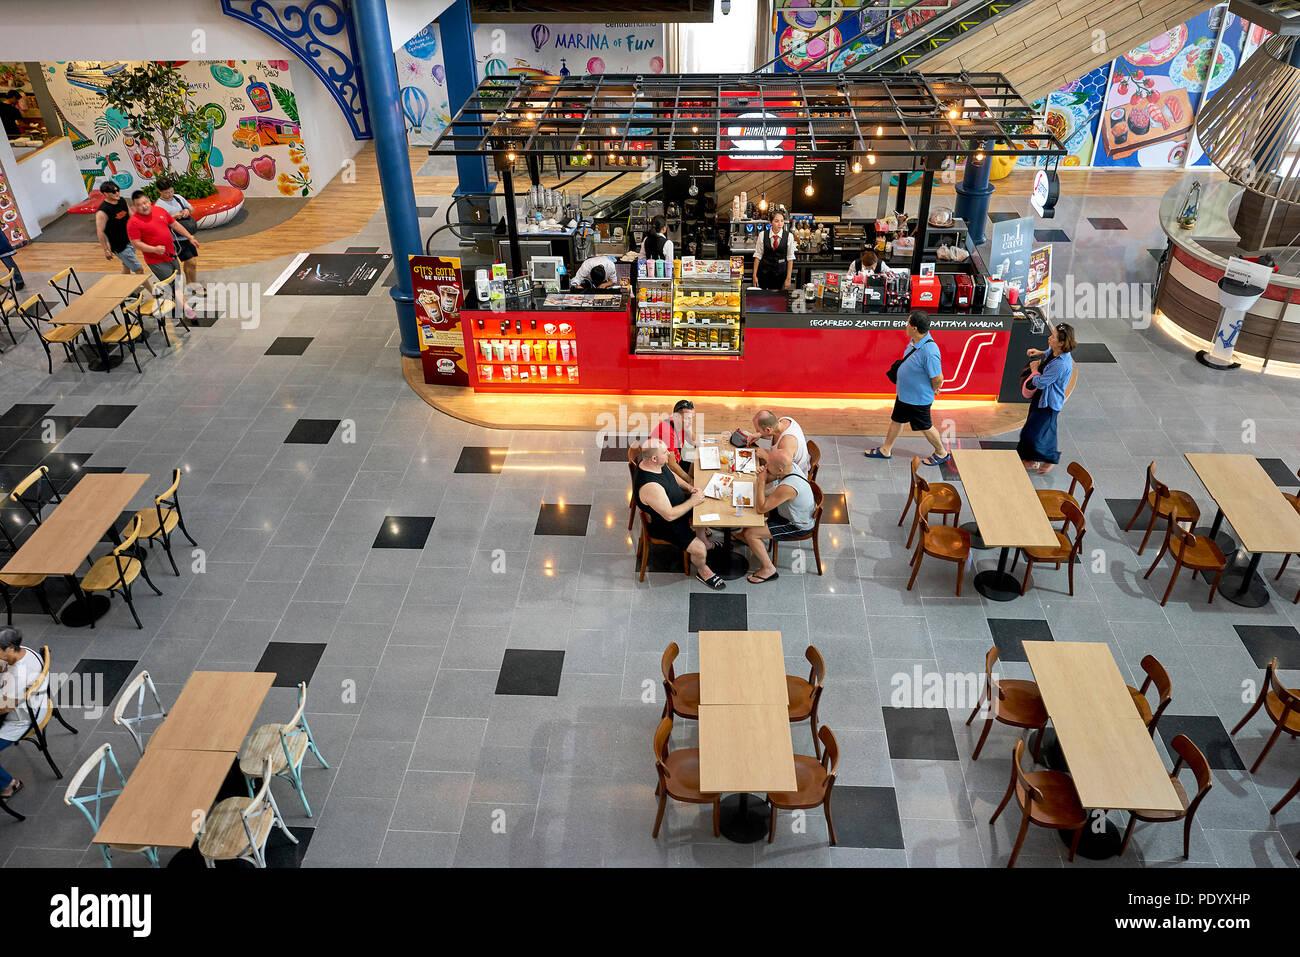 Ansicht des Restaurant Essbereich in einem Thailand Shopping Mall. Diners von oben. Südostasien. Stockbild